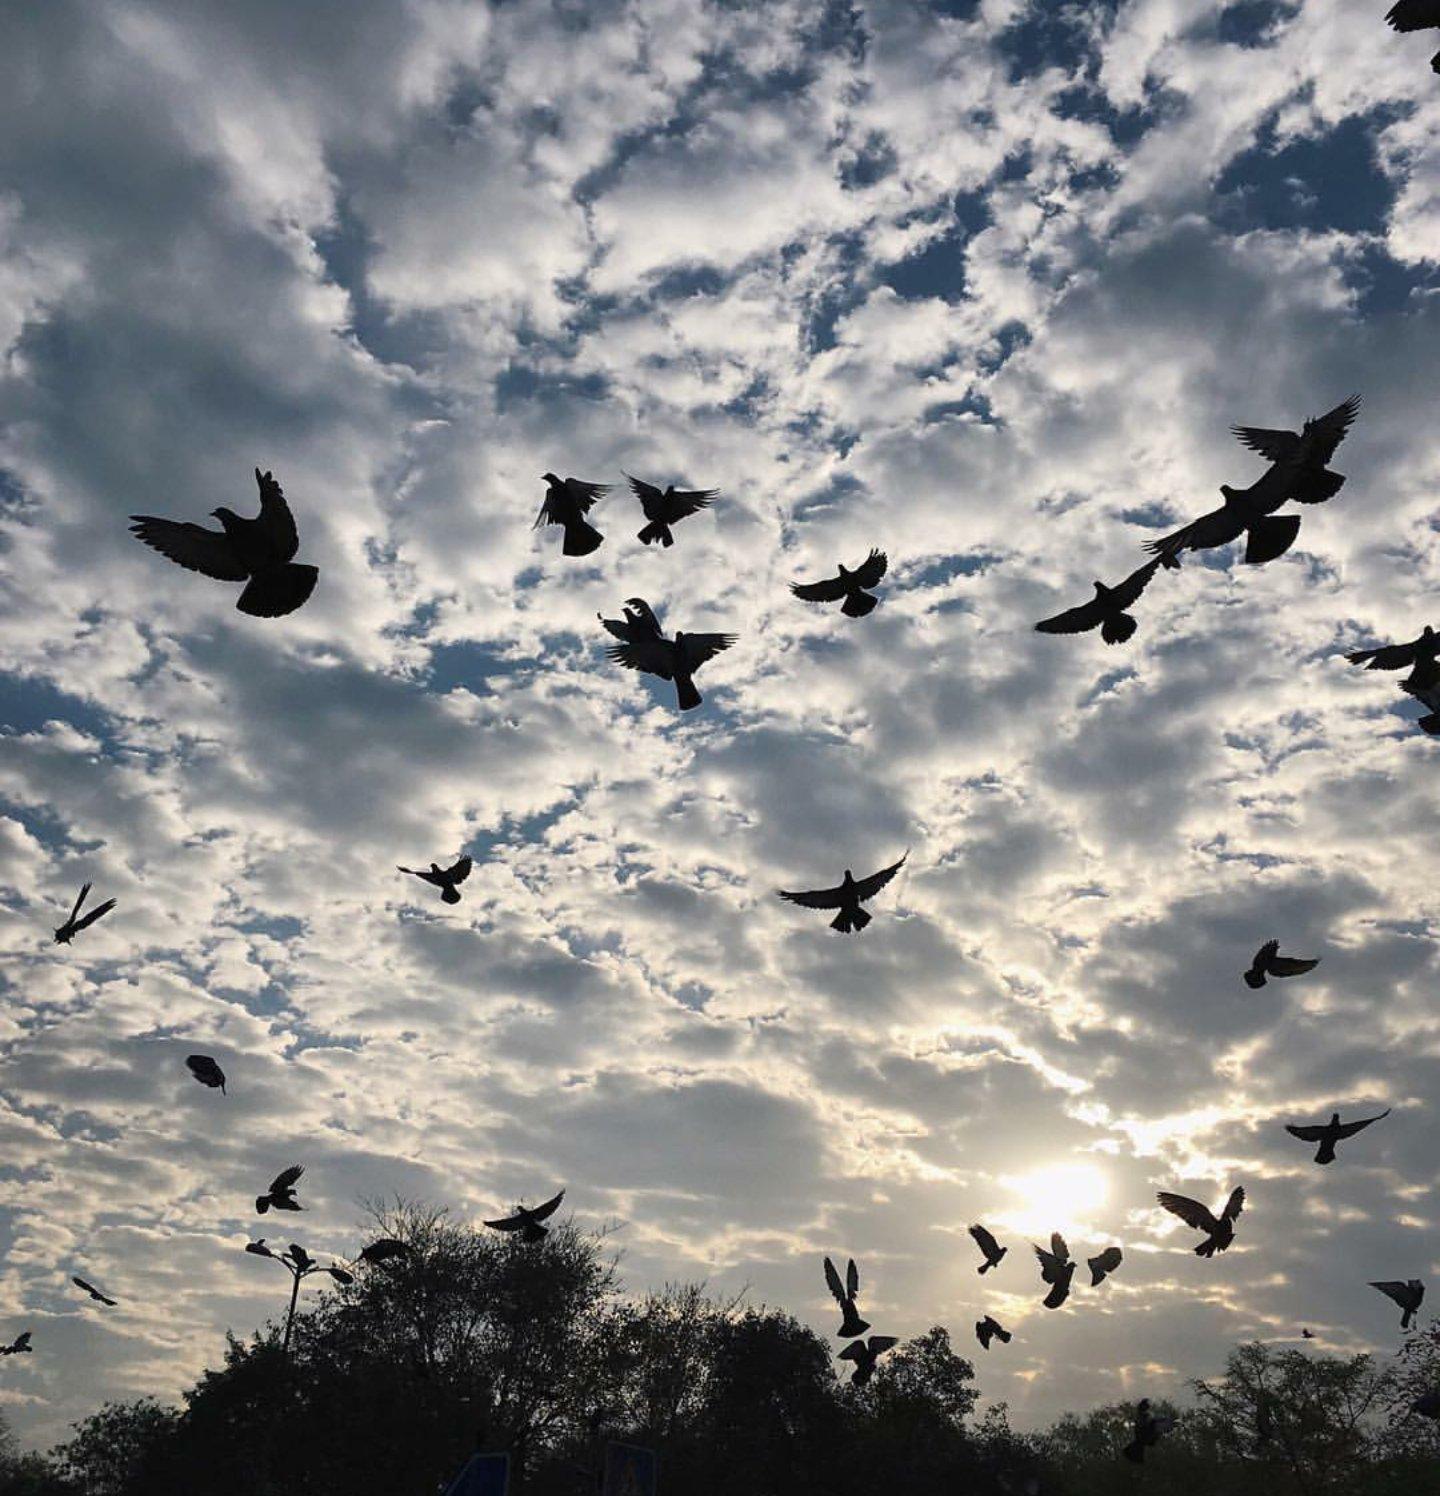 сложилось, фото небо птицы облака головные